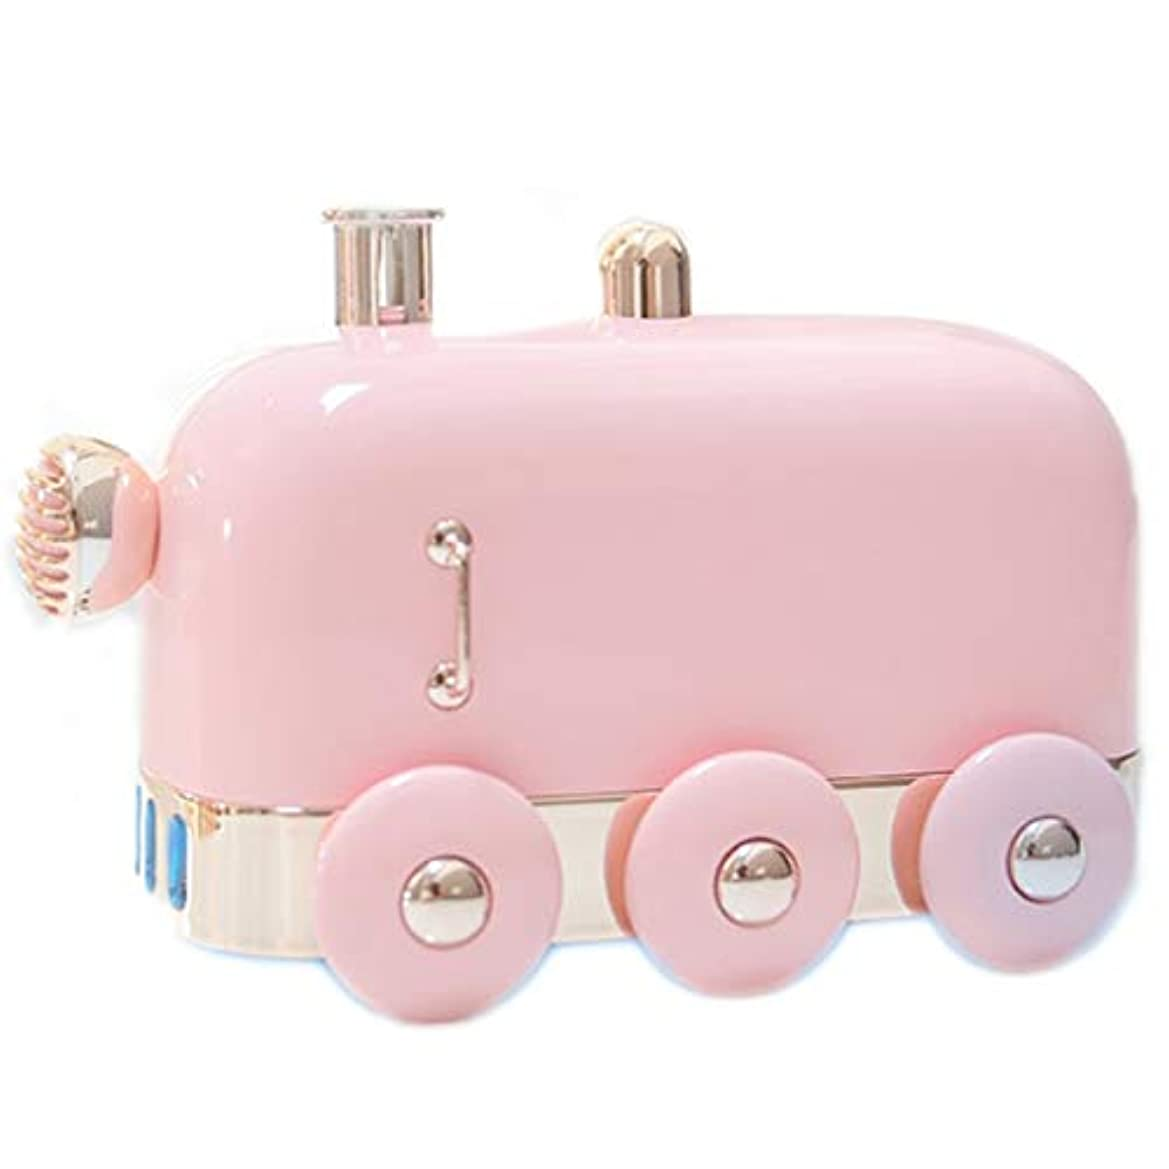 移植革新ビュッフェアロマセラピーエッセンシャルオイルディフューザー、アロマディフューザークールミスト加湿器ウォーターレスオートシャットオフホームオフィス用ヨガ (Color : Pink)